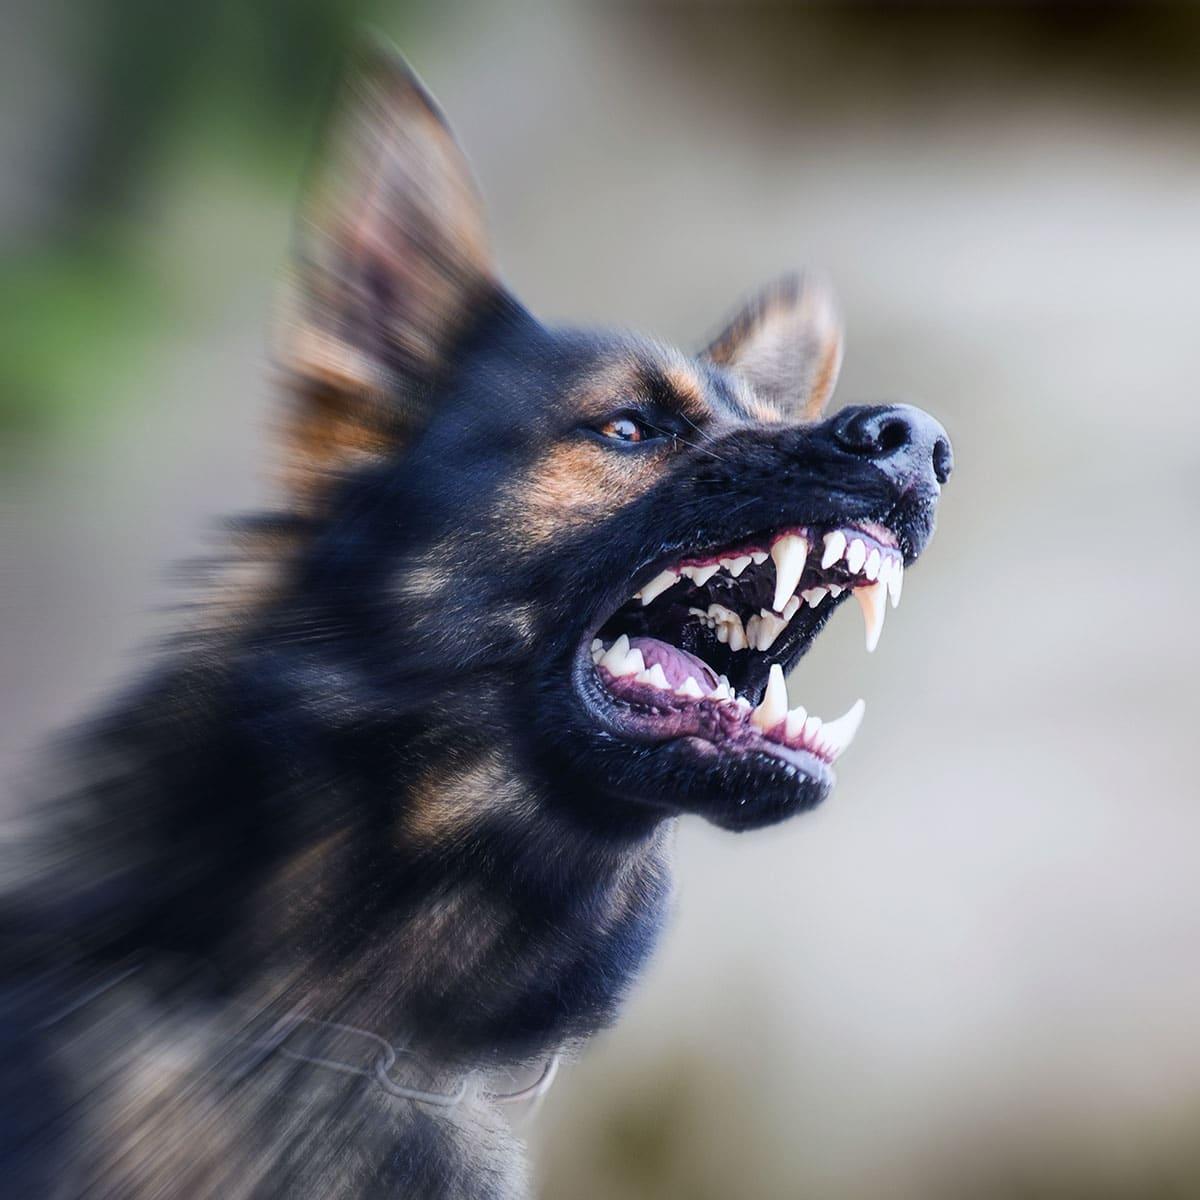 vicious dog barking and attacking